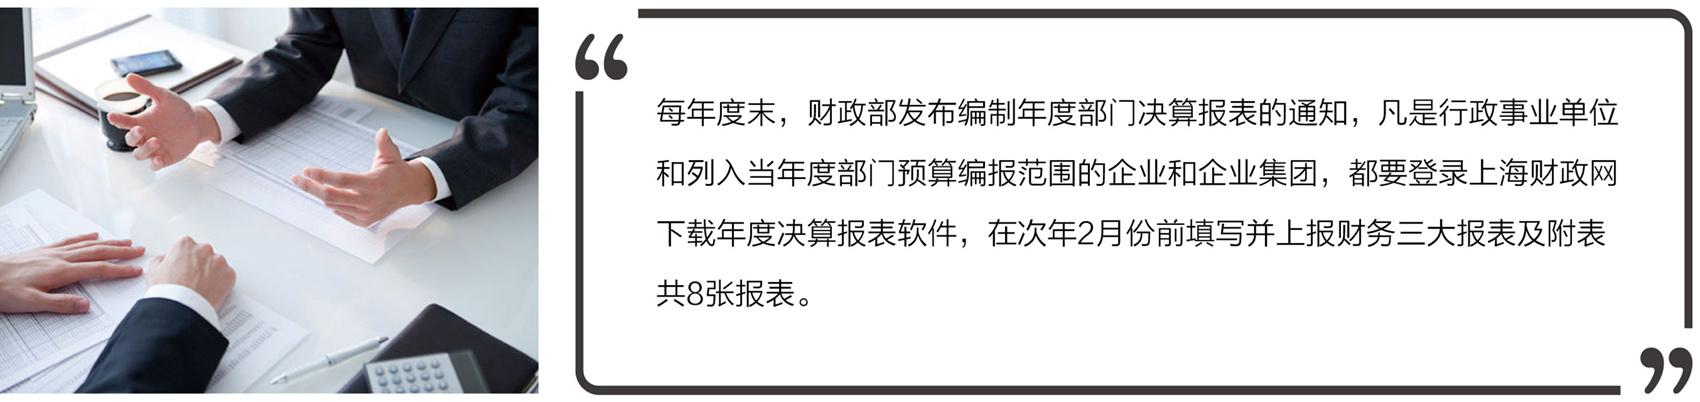 财政年报_03.jpg